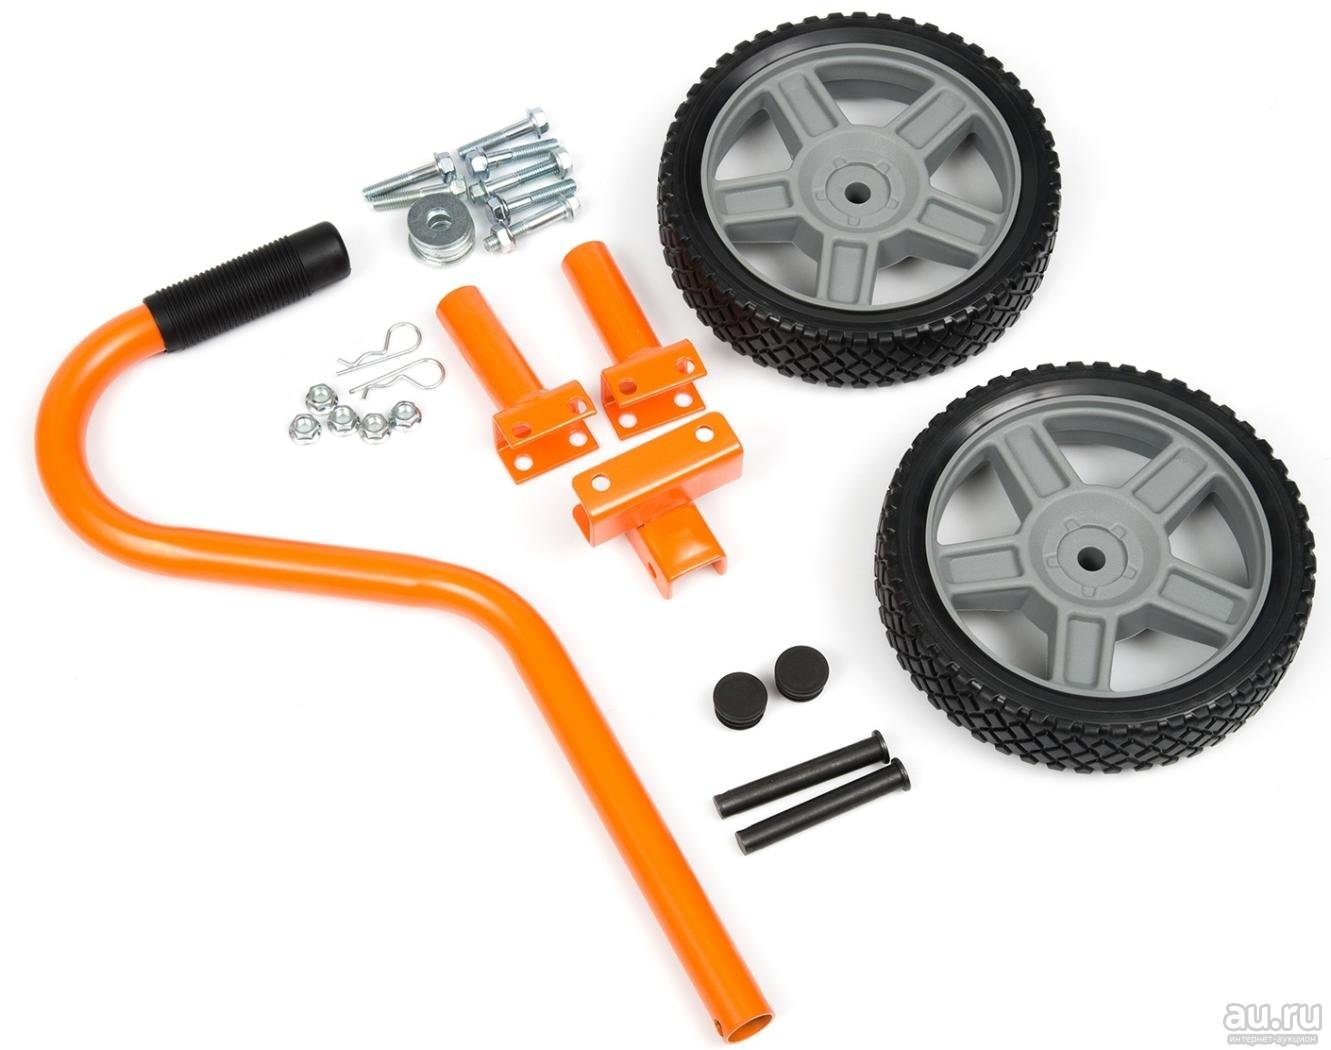 Комплект колес для генераторов ECT 7000 в Ахтубинске